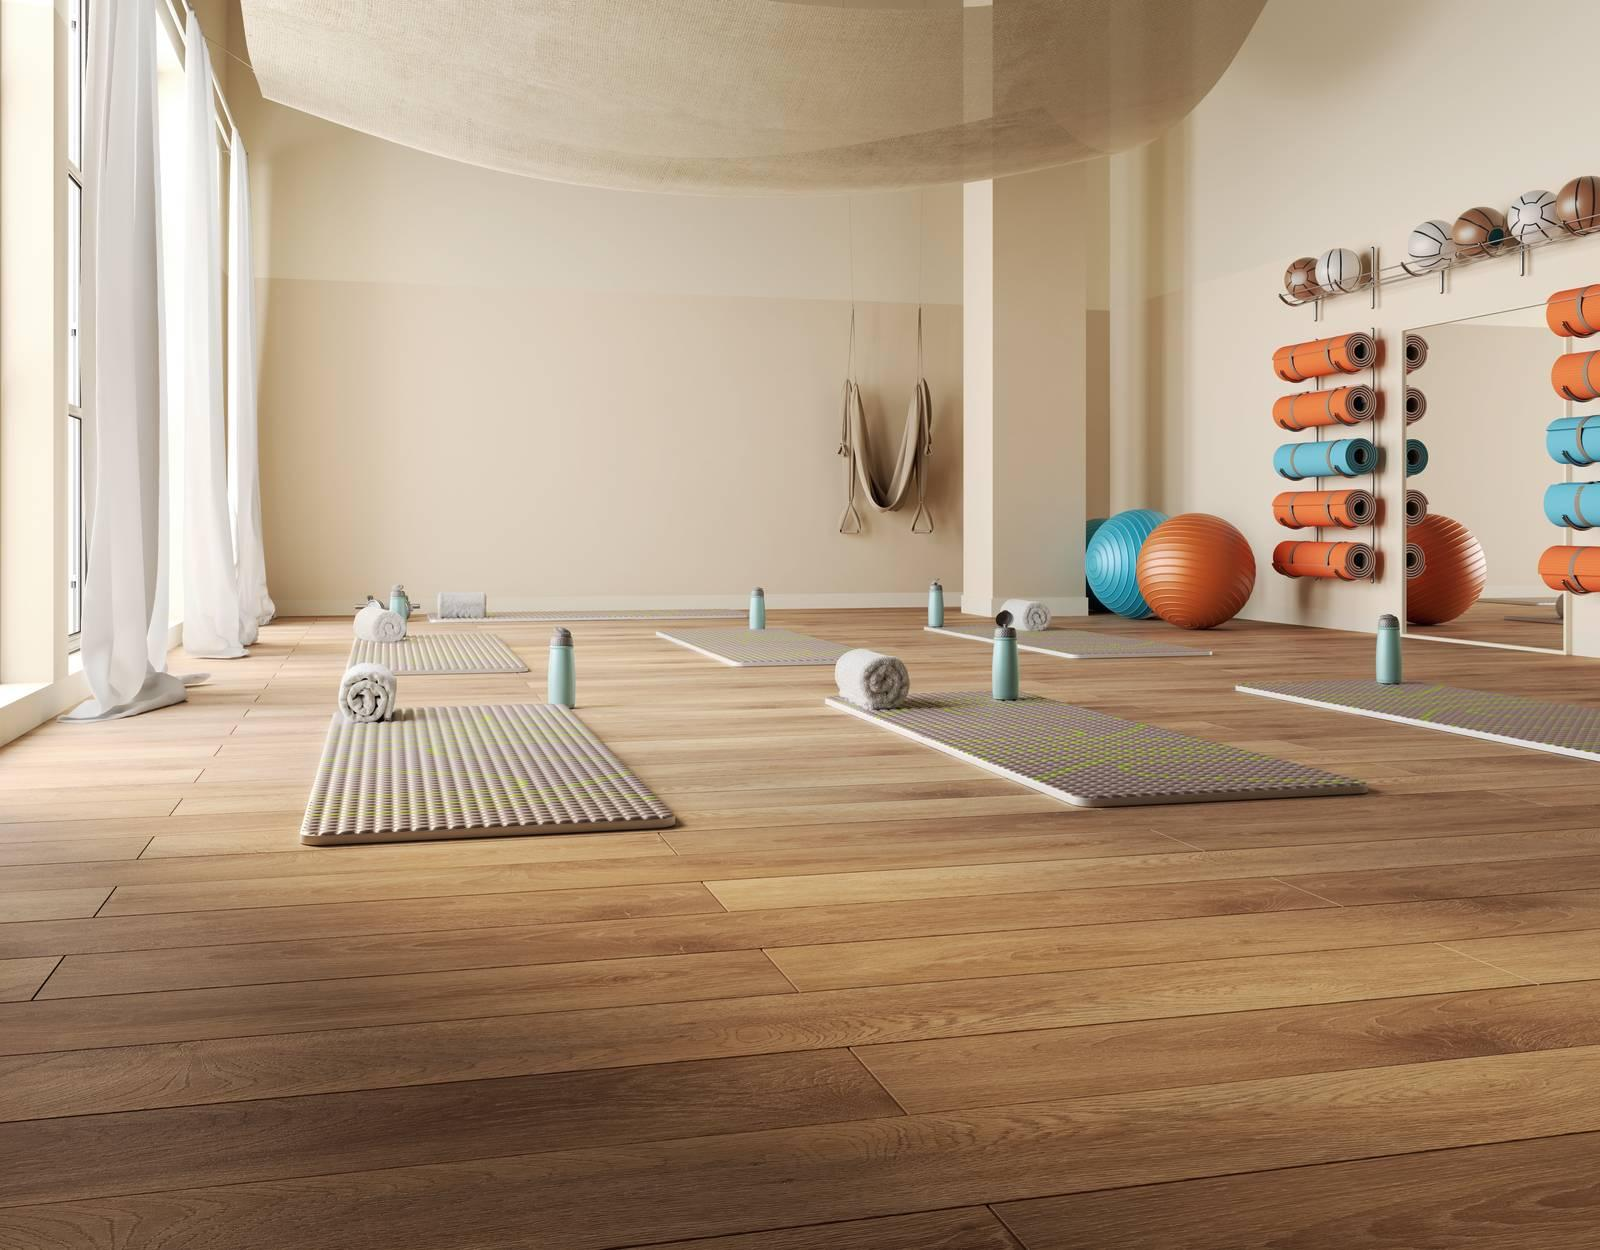 Cambiare il pavimento per avere ambienti pi accoglienti for Leroy merlin pavimenti gres effetto legno